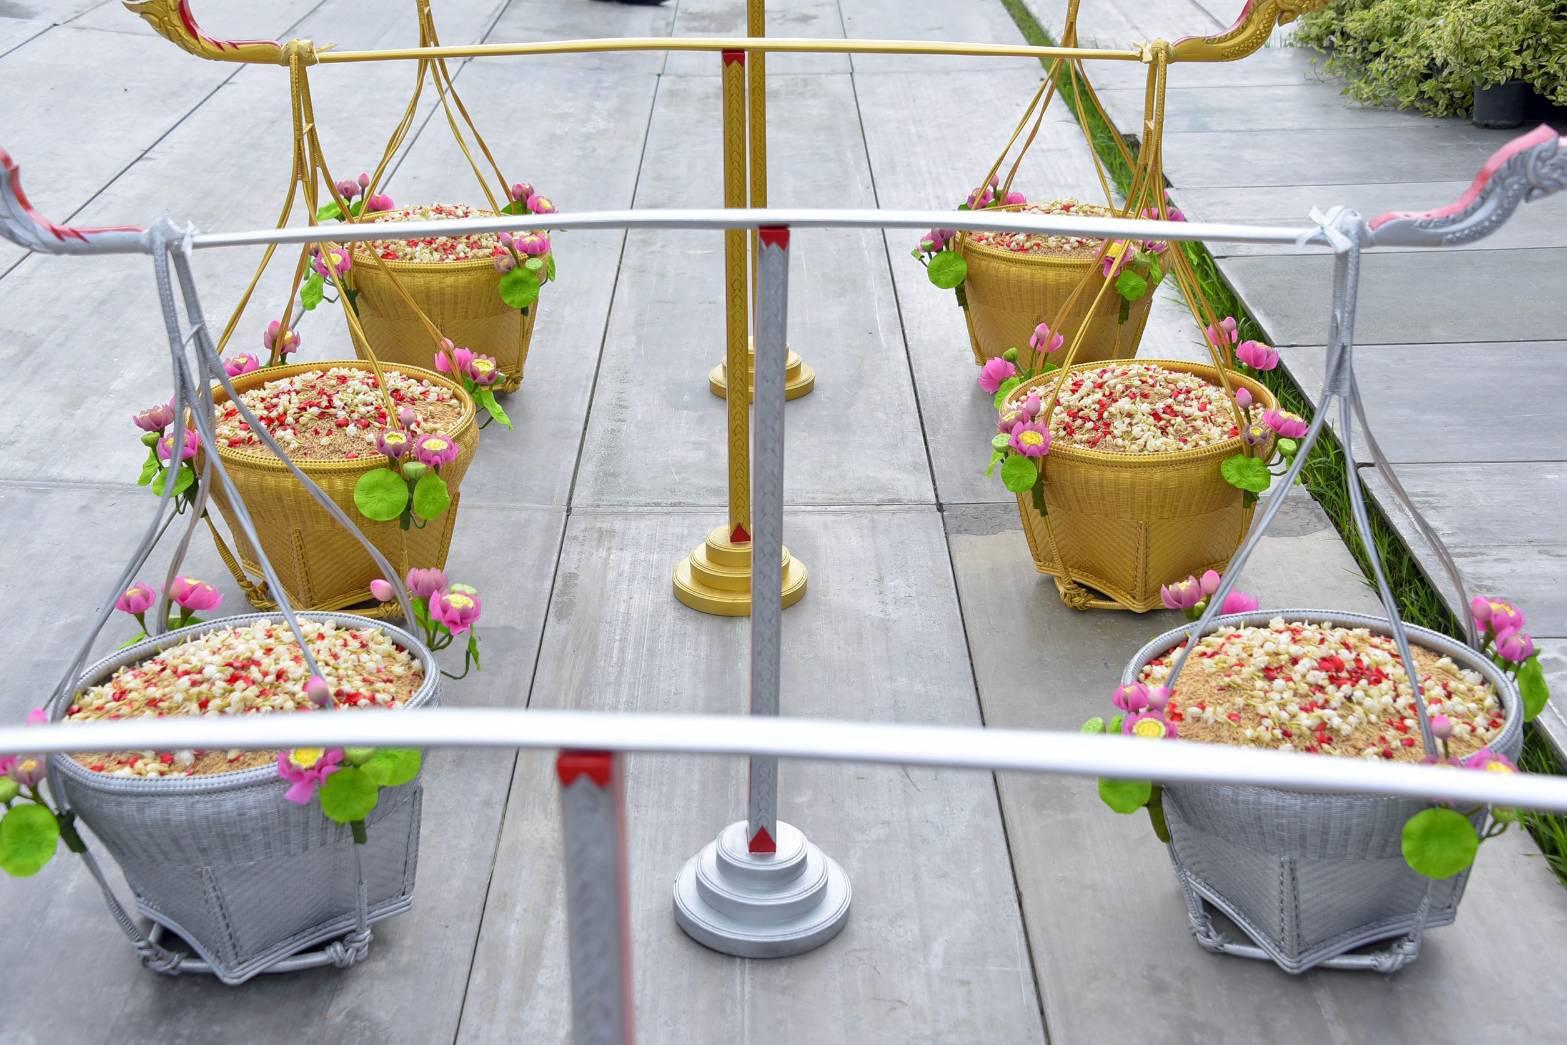 วันพืชมงคล , พันธุ์ข้าวพระราชทาน , แรกนาขวัญ , วันสำคัญ , วันพืชมงคล 2563 , พิธีหว่านข้าวในแปลงนาทดลอง